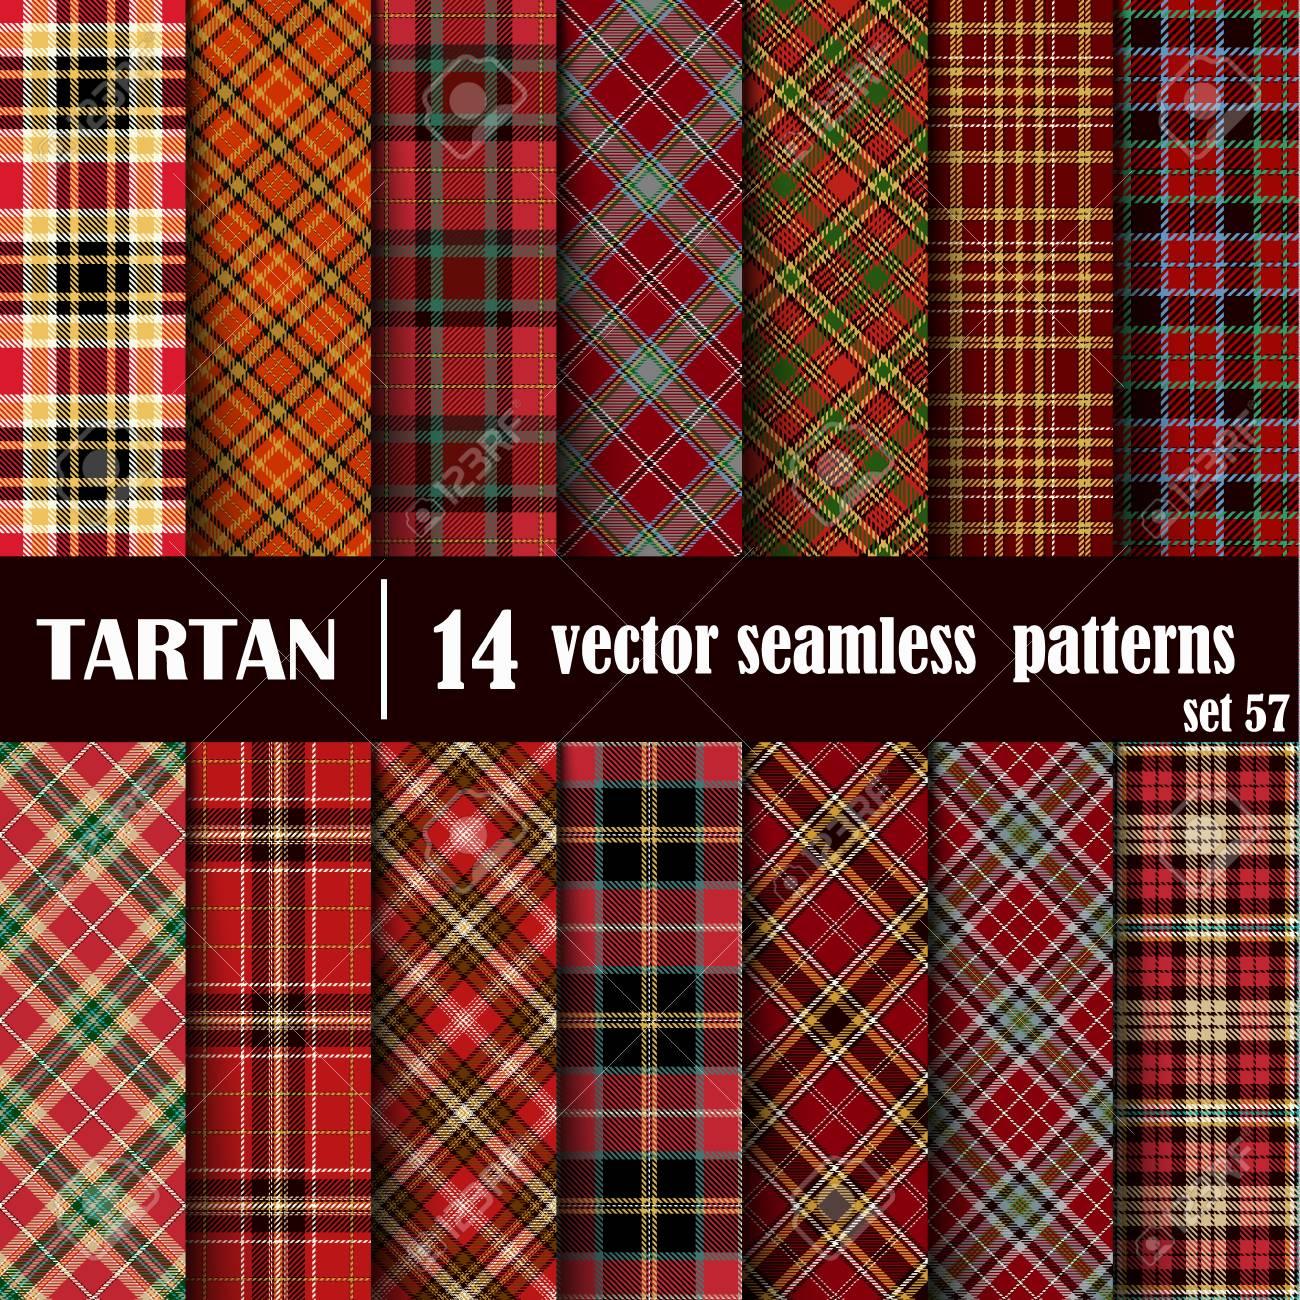 Set Tartan Nahtlose Muster. Trendy Vector Illustration Für Tapeten.  Nahtlose Tartan Fliesen. Traditionelle